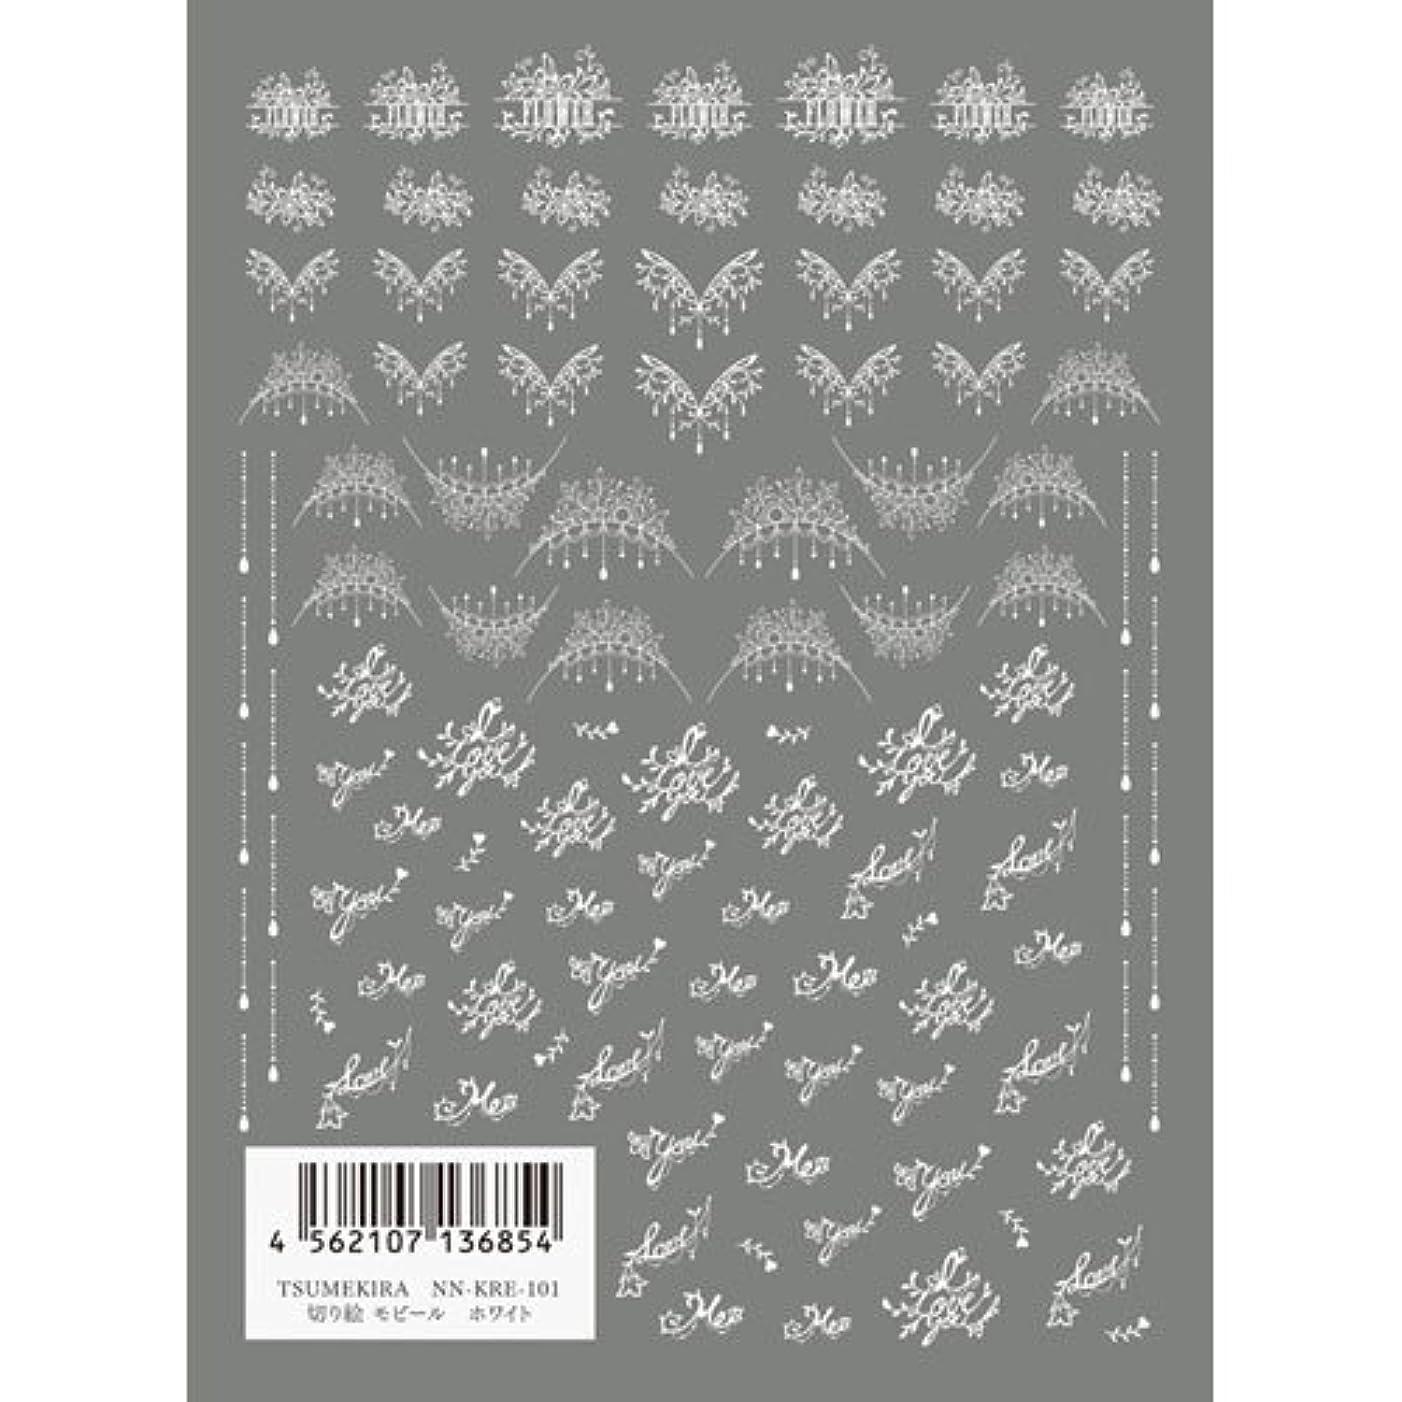 リンケージスタンド審判ツメキラ(TSUMEKIRA) ネイル用シール 切り絵 モビール ホワイト NN-KRE-101